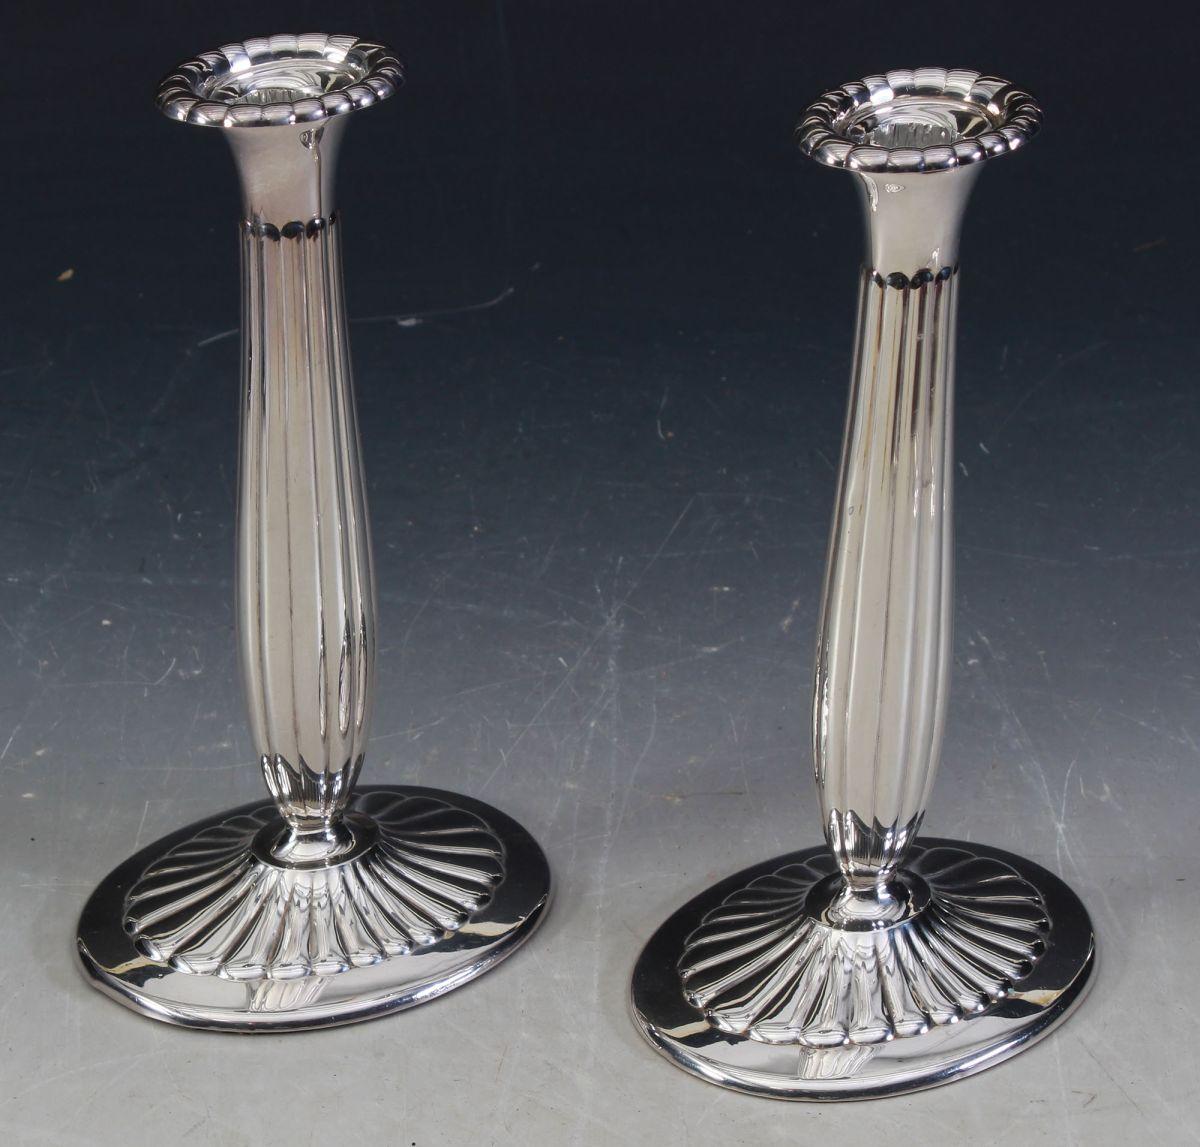 Fabelaktig Et par lysestaker i sølv, H: 22 cm. YC-63